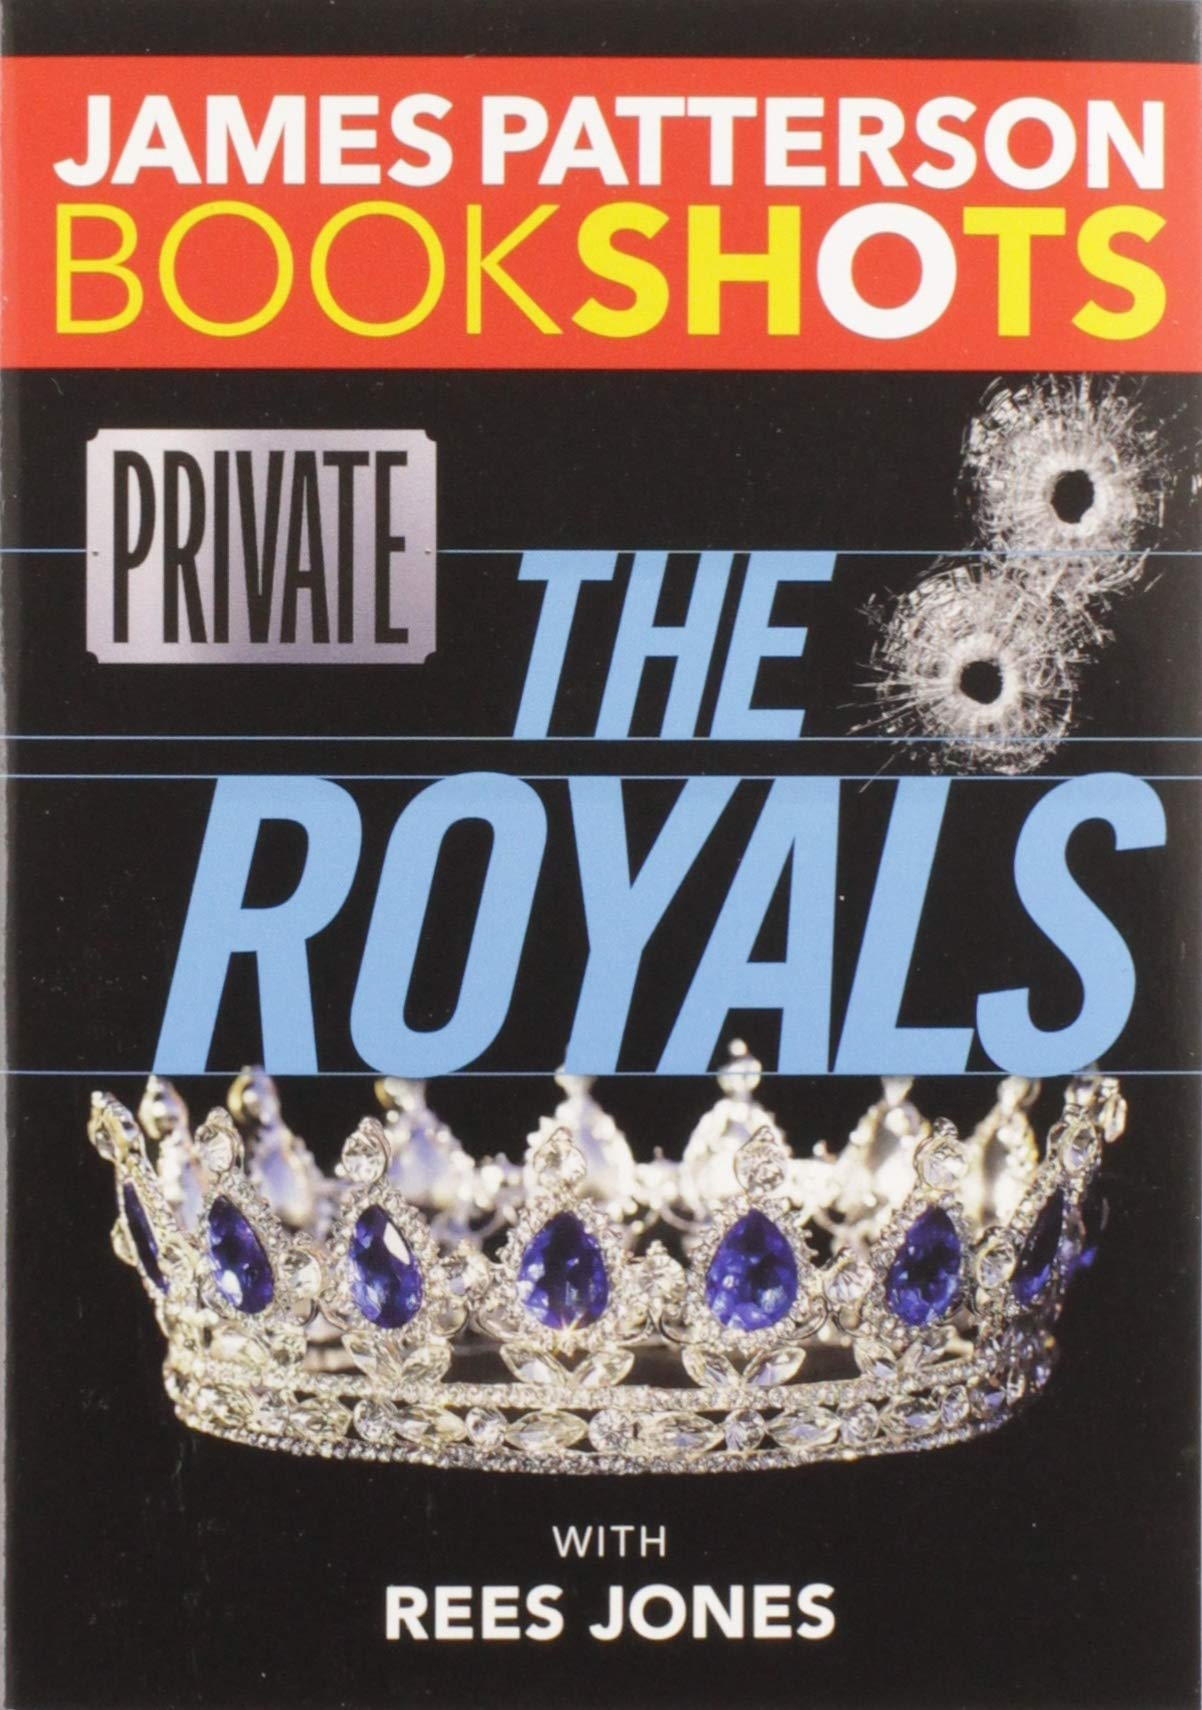 Amazon.com: Private: The Royals (BookShots): 9780316505192: Patterson,  James, Jones, Rees: Books